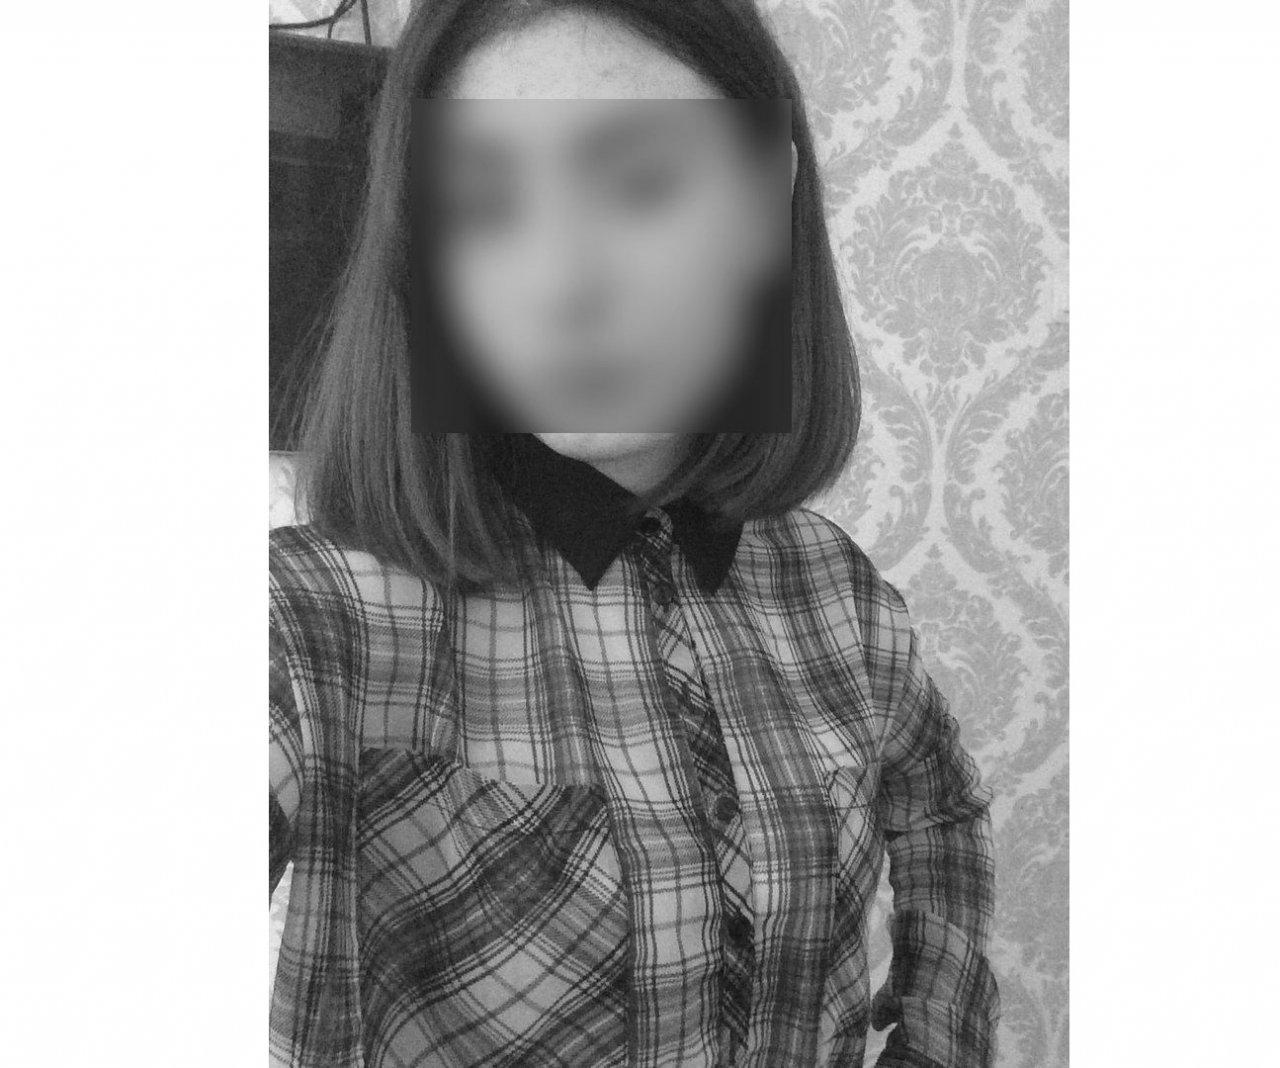 """Мама погибшей в кировском СИЗО девушки: """"На ее лице были следы побоев"""""""